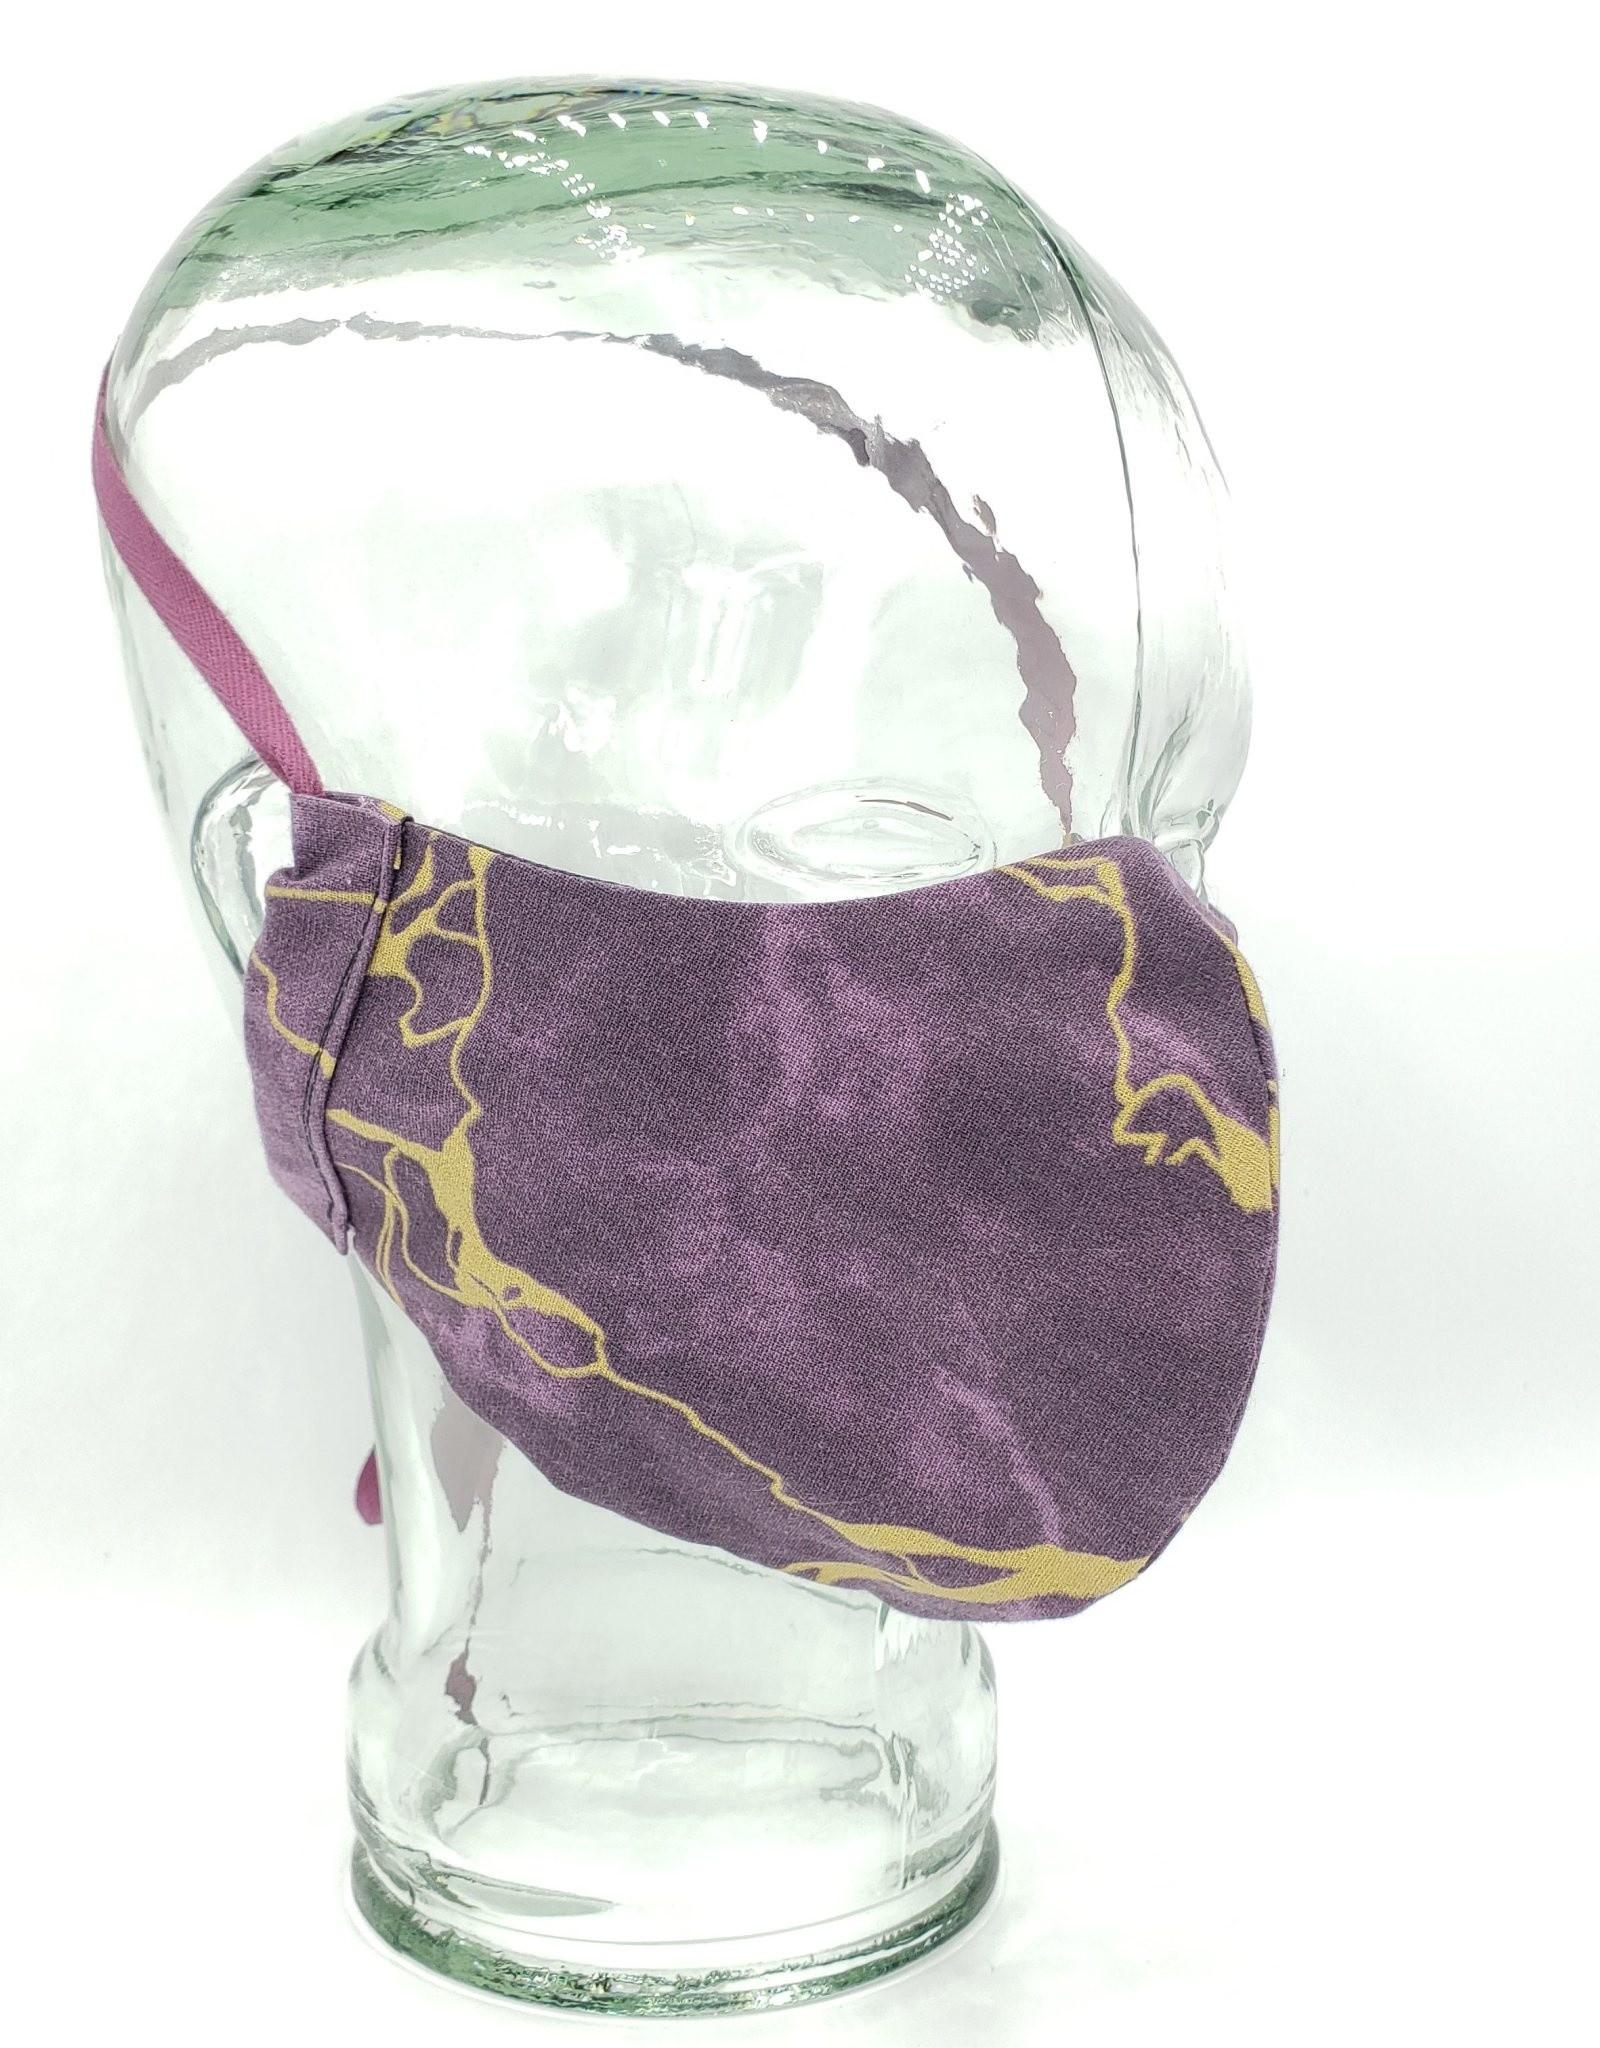 Redux Marblized Maroon Mask - Handmade Fabric Face Mask